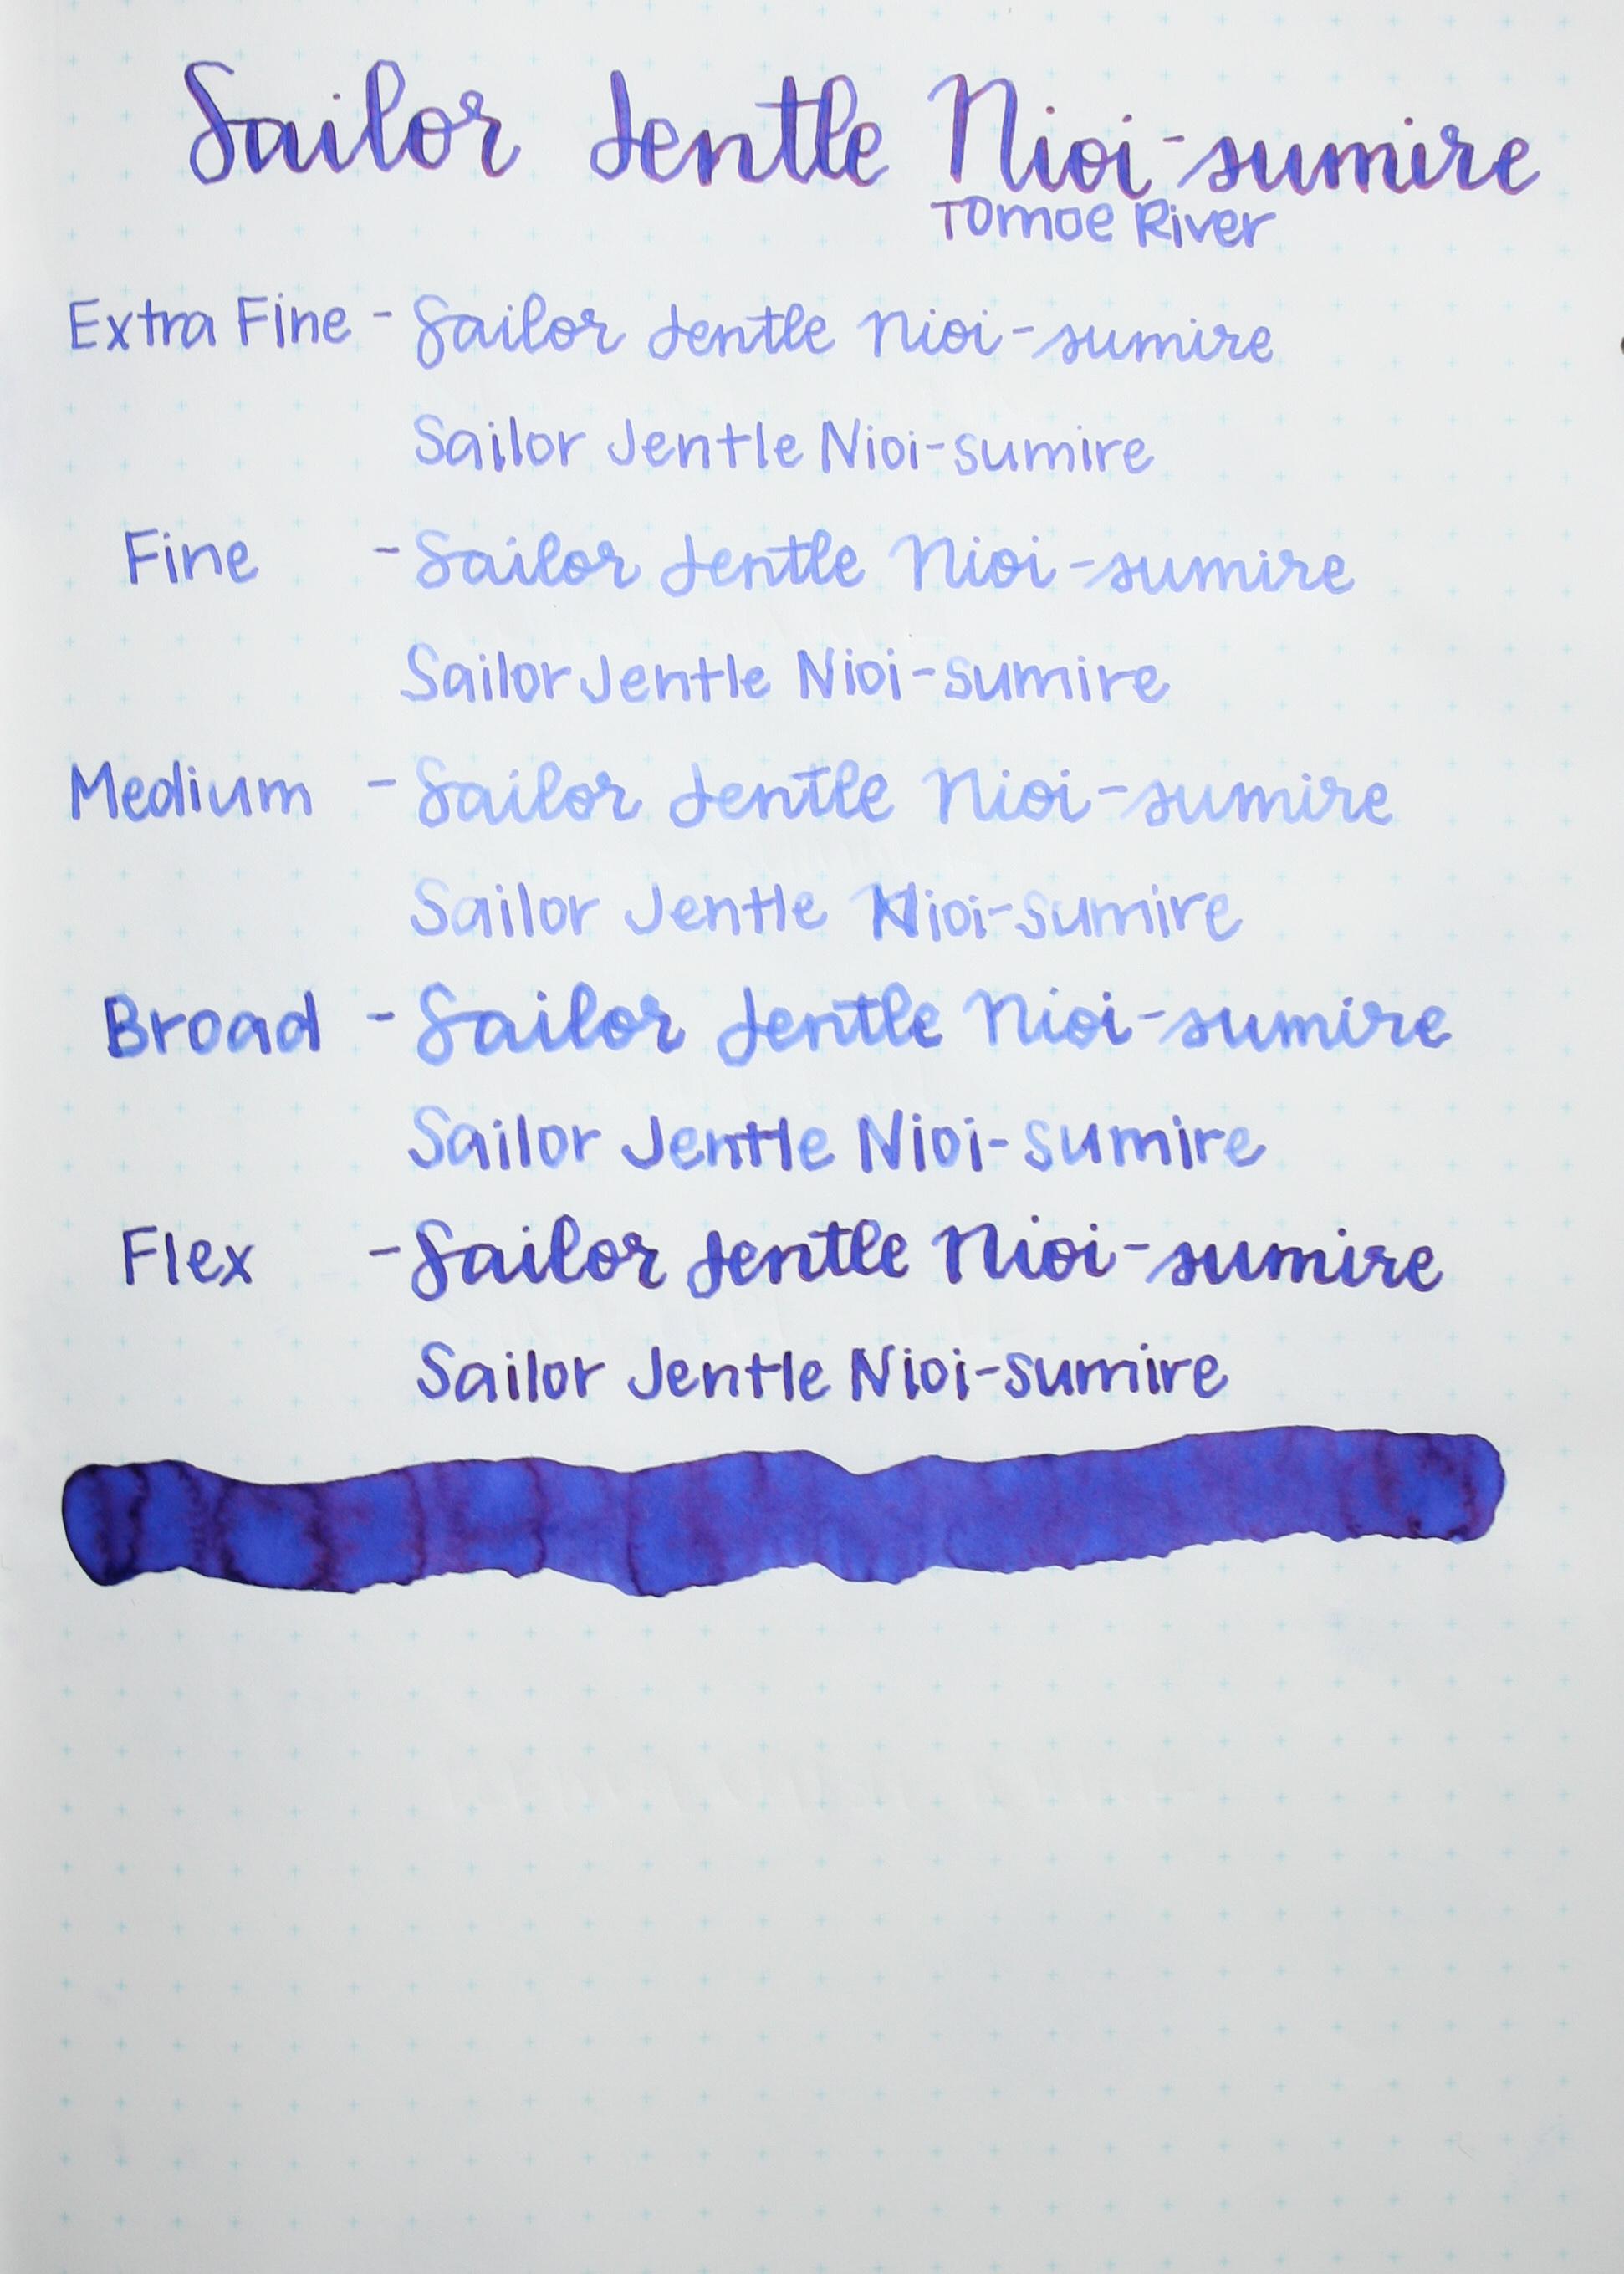 SailorJentleNioi-sumire-013.jpg